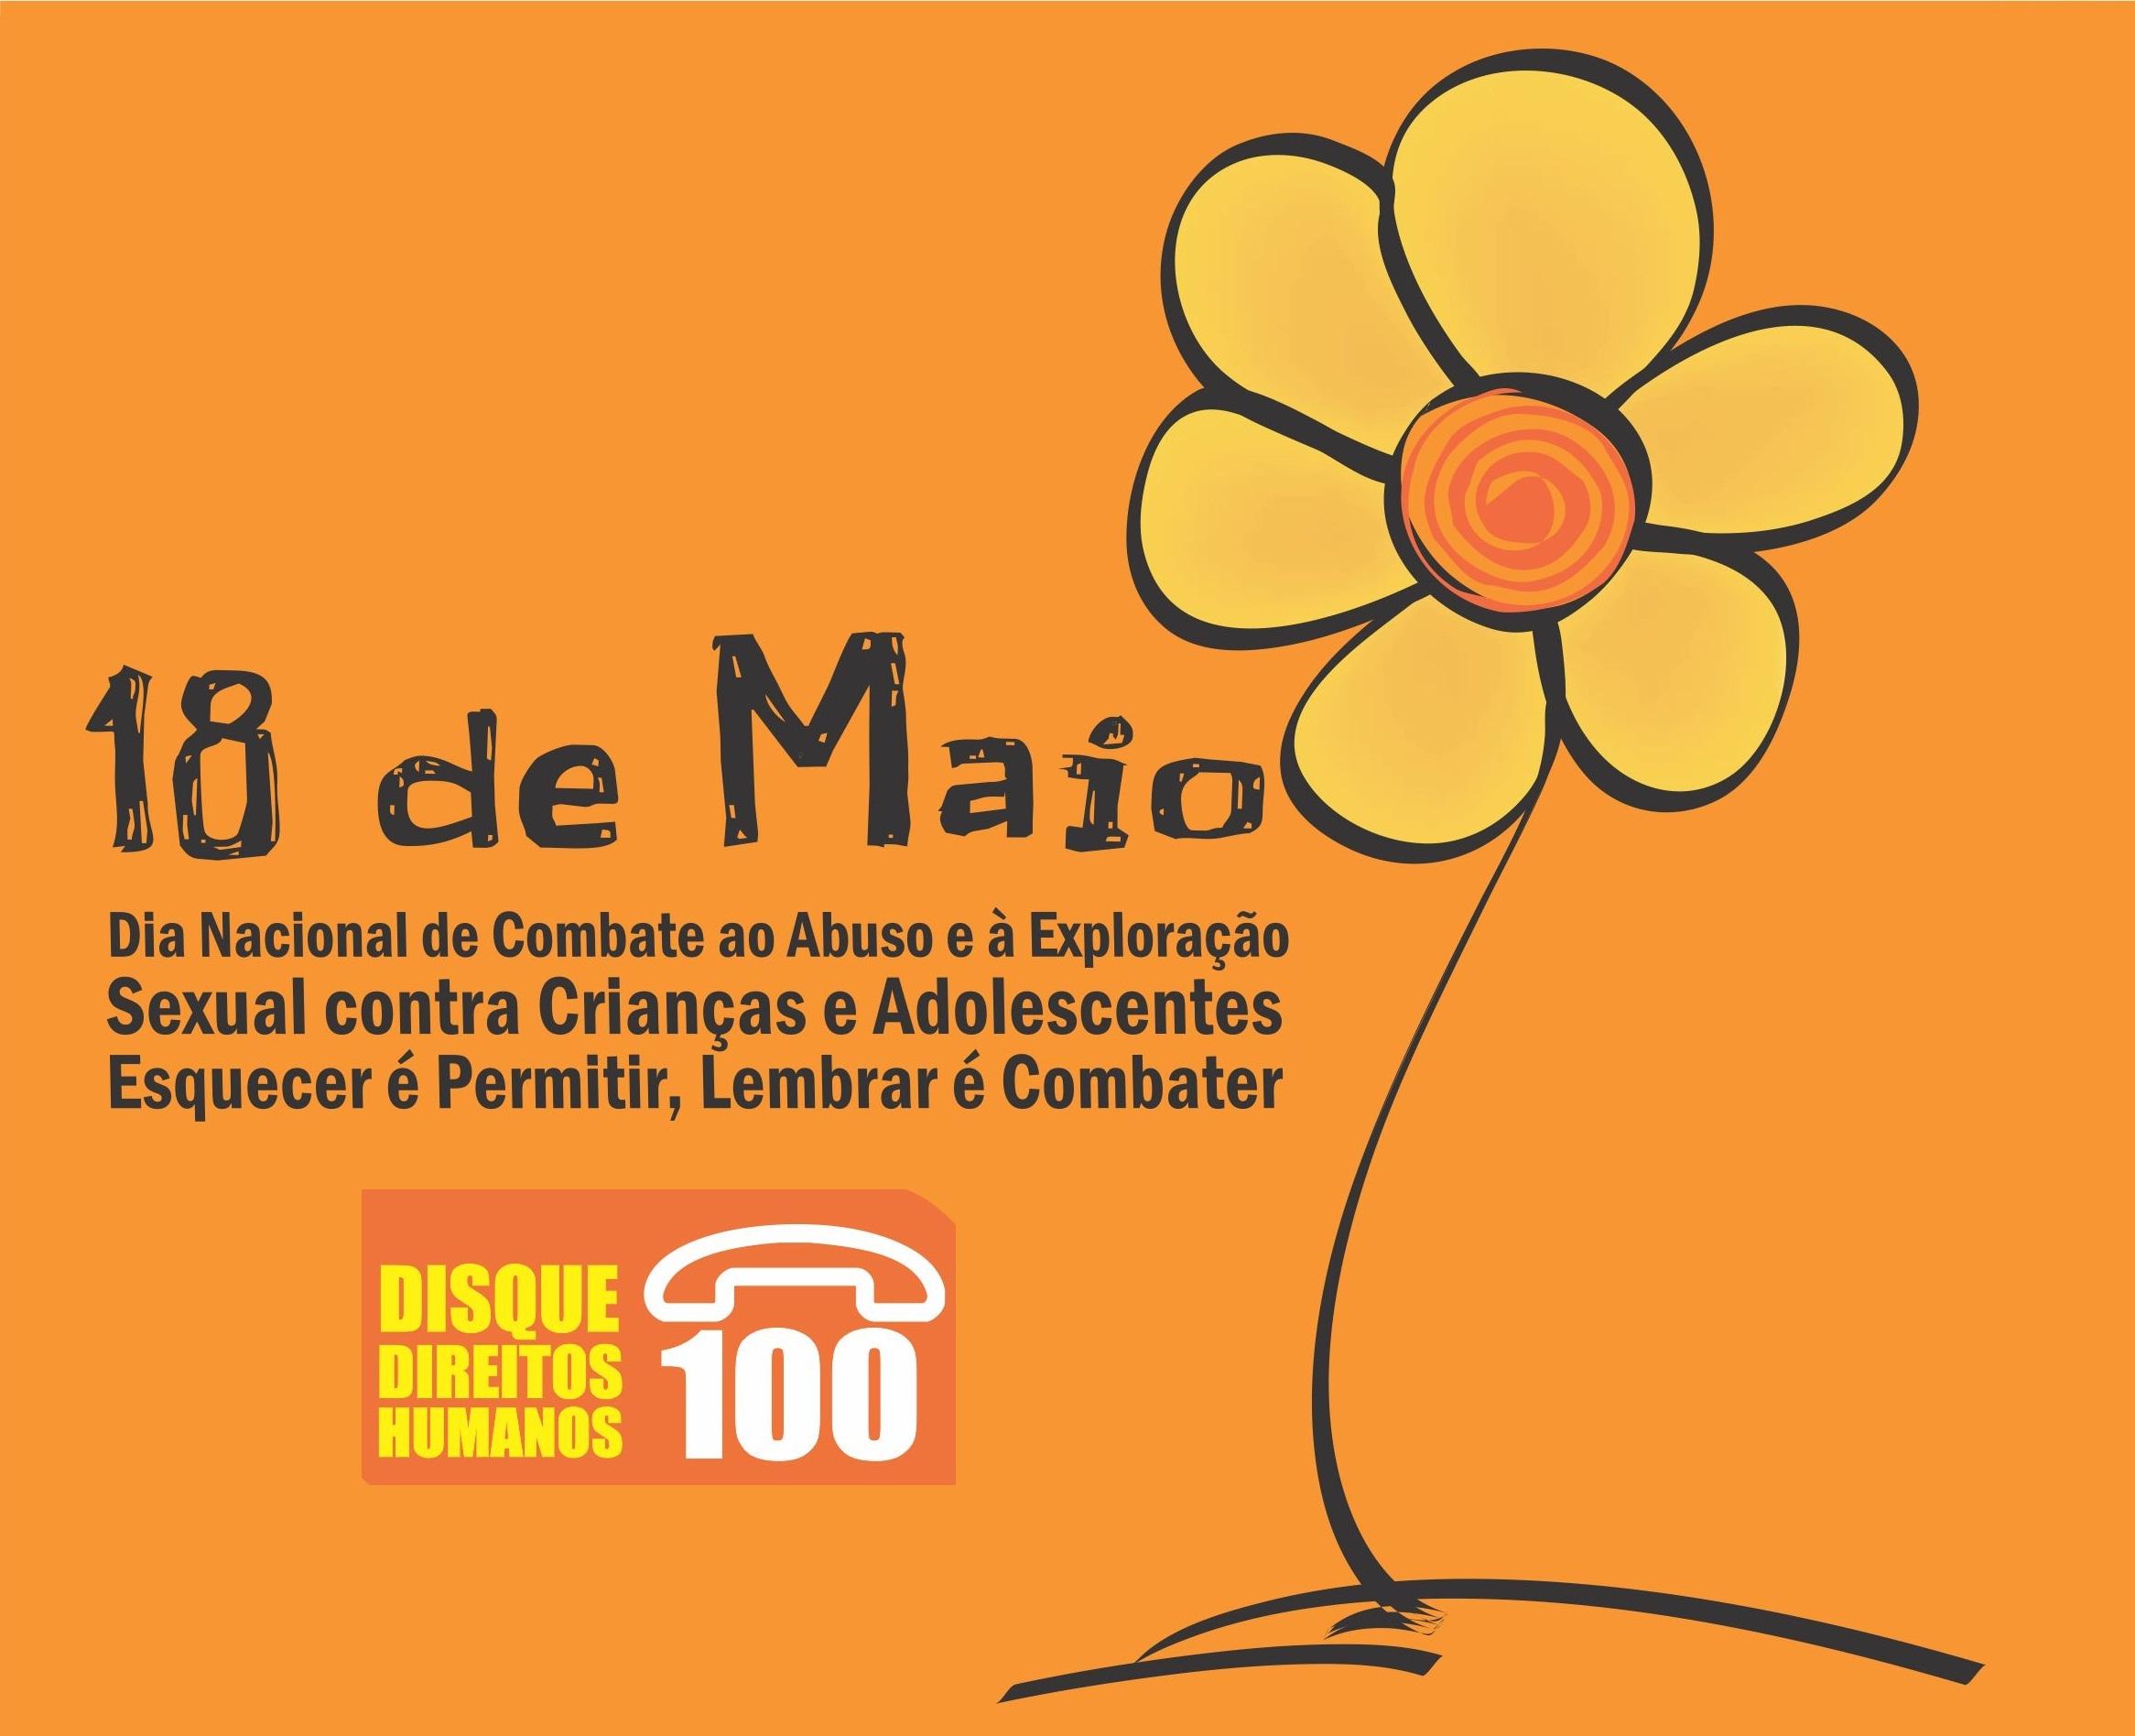 1e9f2d8b99bf 18 de Maio – Dia nacional de combate ao abuso e exploração sexual de  crianças e adolescentes